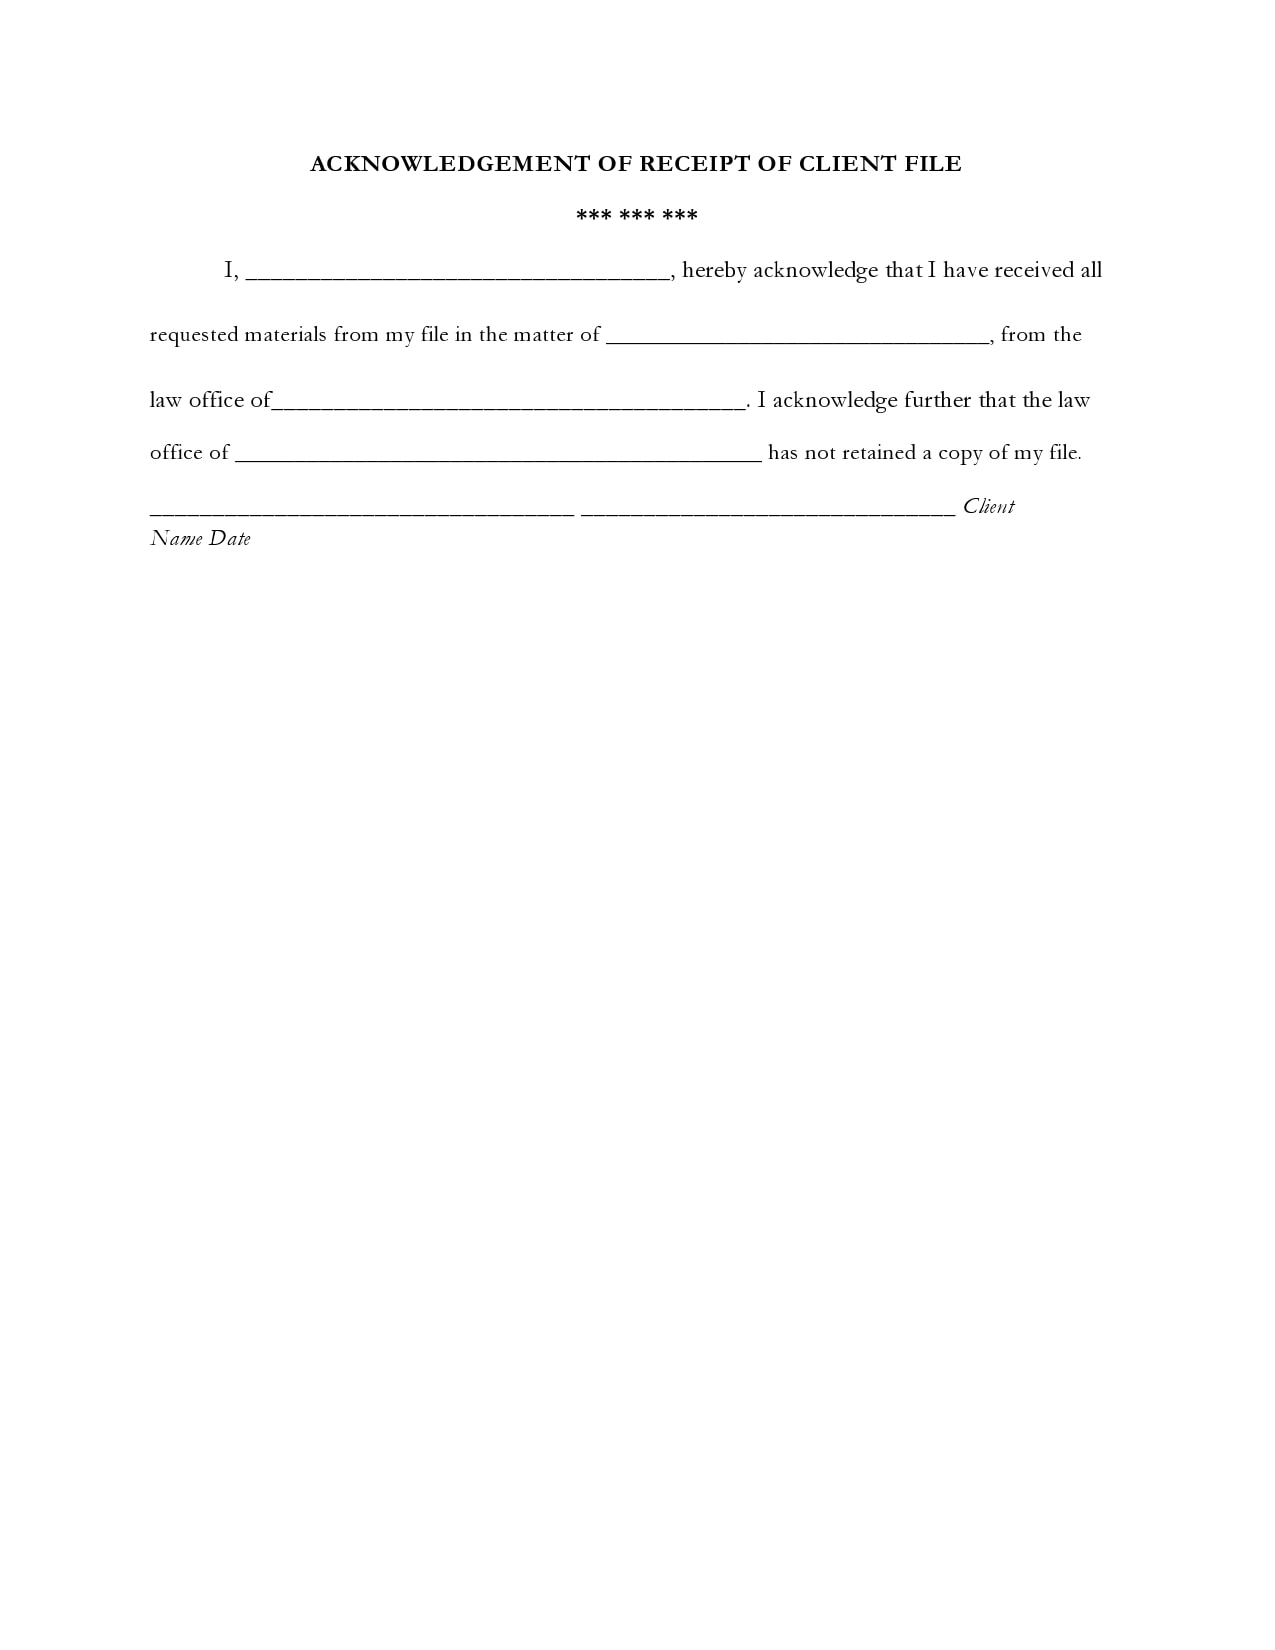 acknowledgement receipt 26